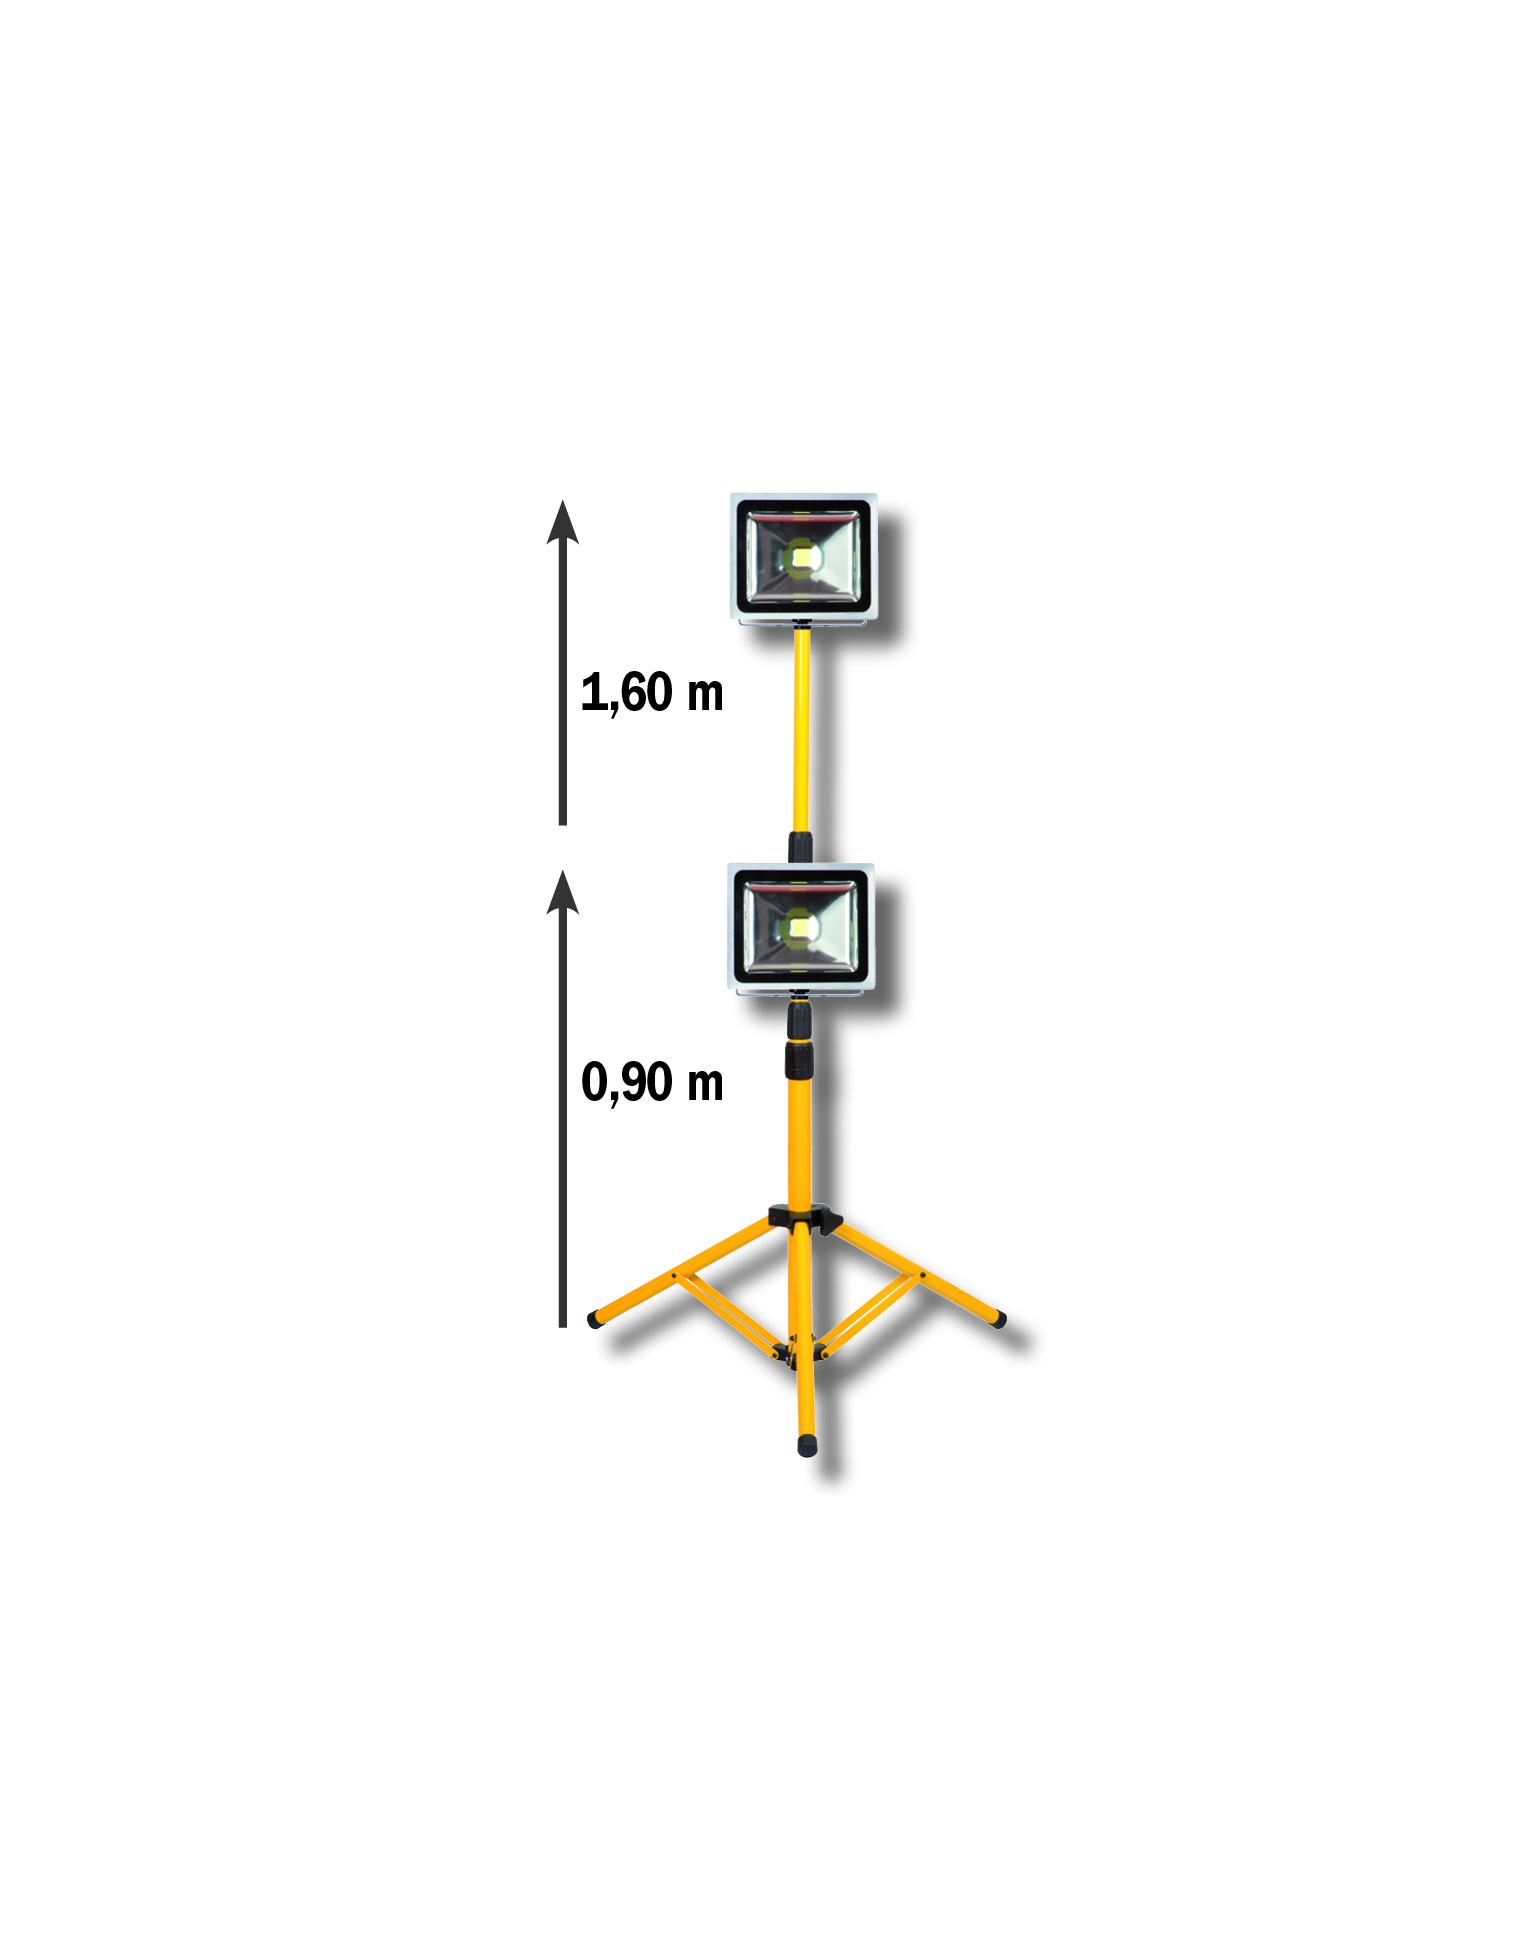 Projecteur led 30w sur tr pied 2160 lumens brico diffusion - Projecteur led brico depot ...